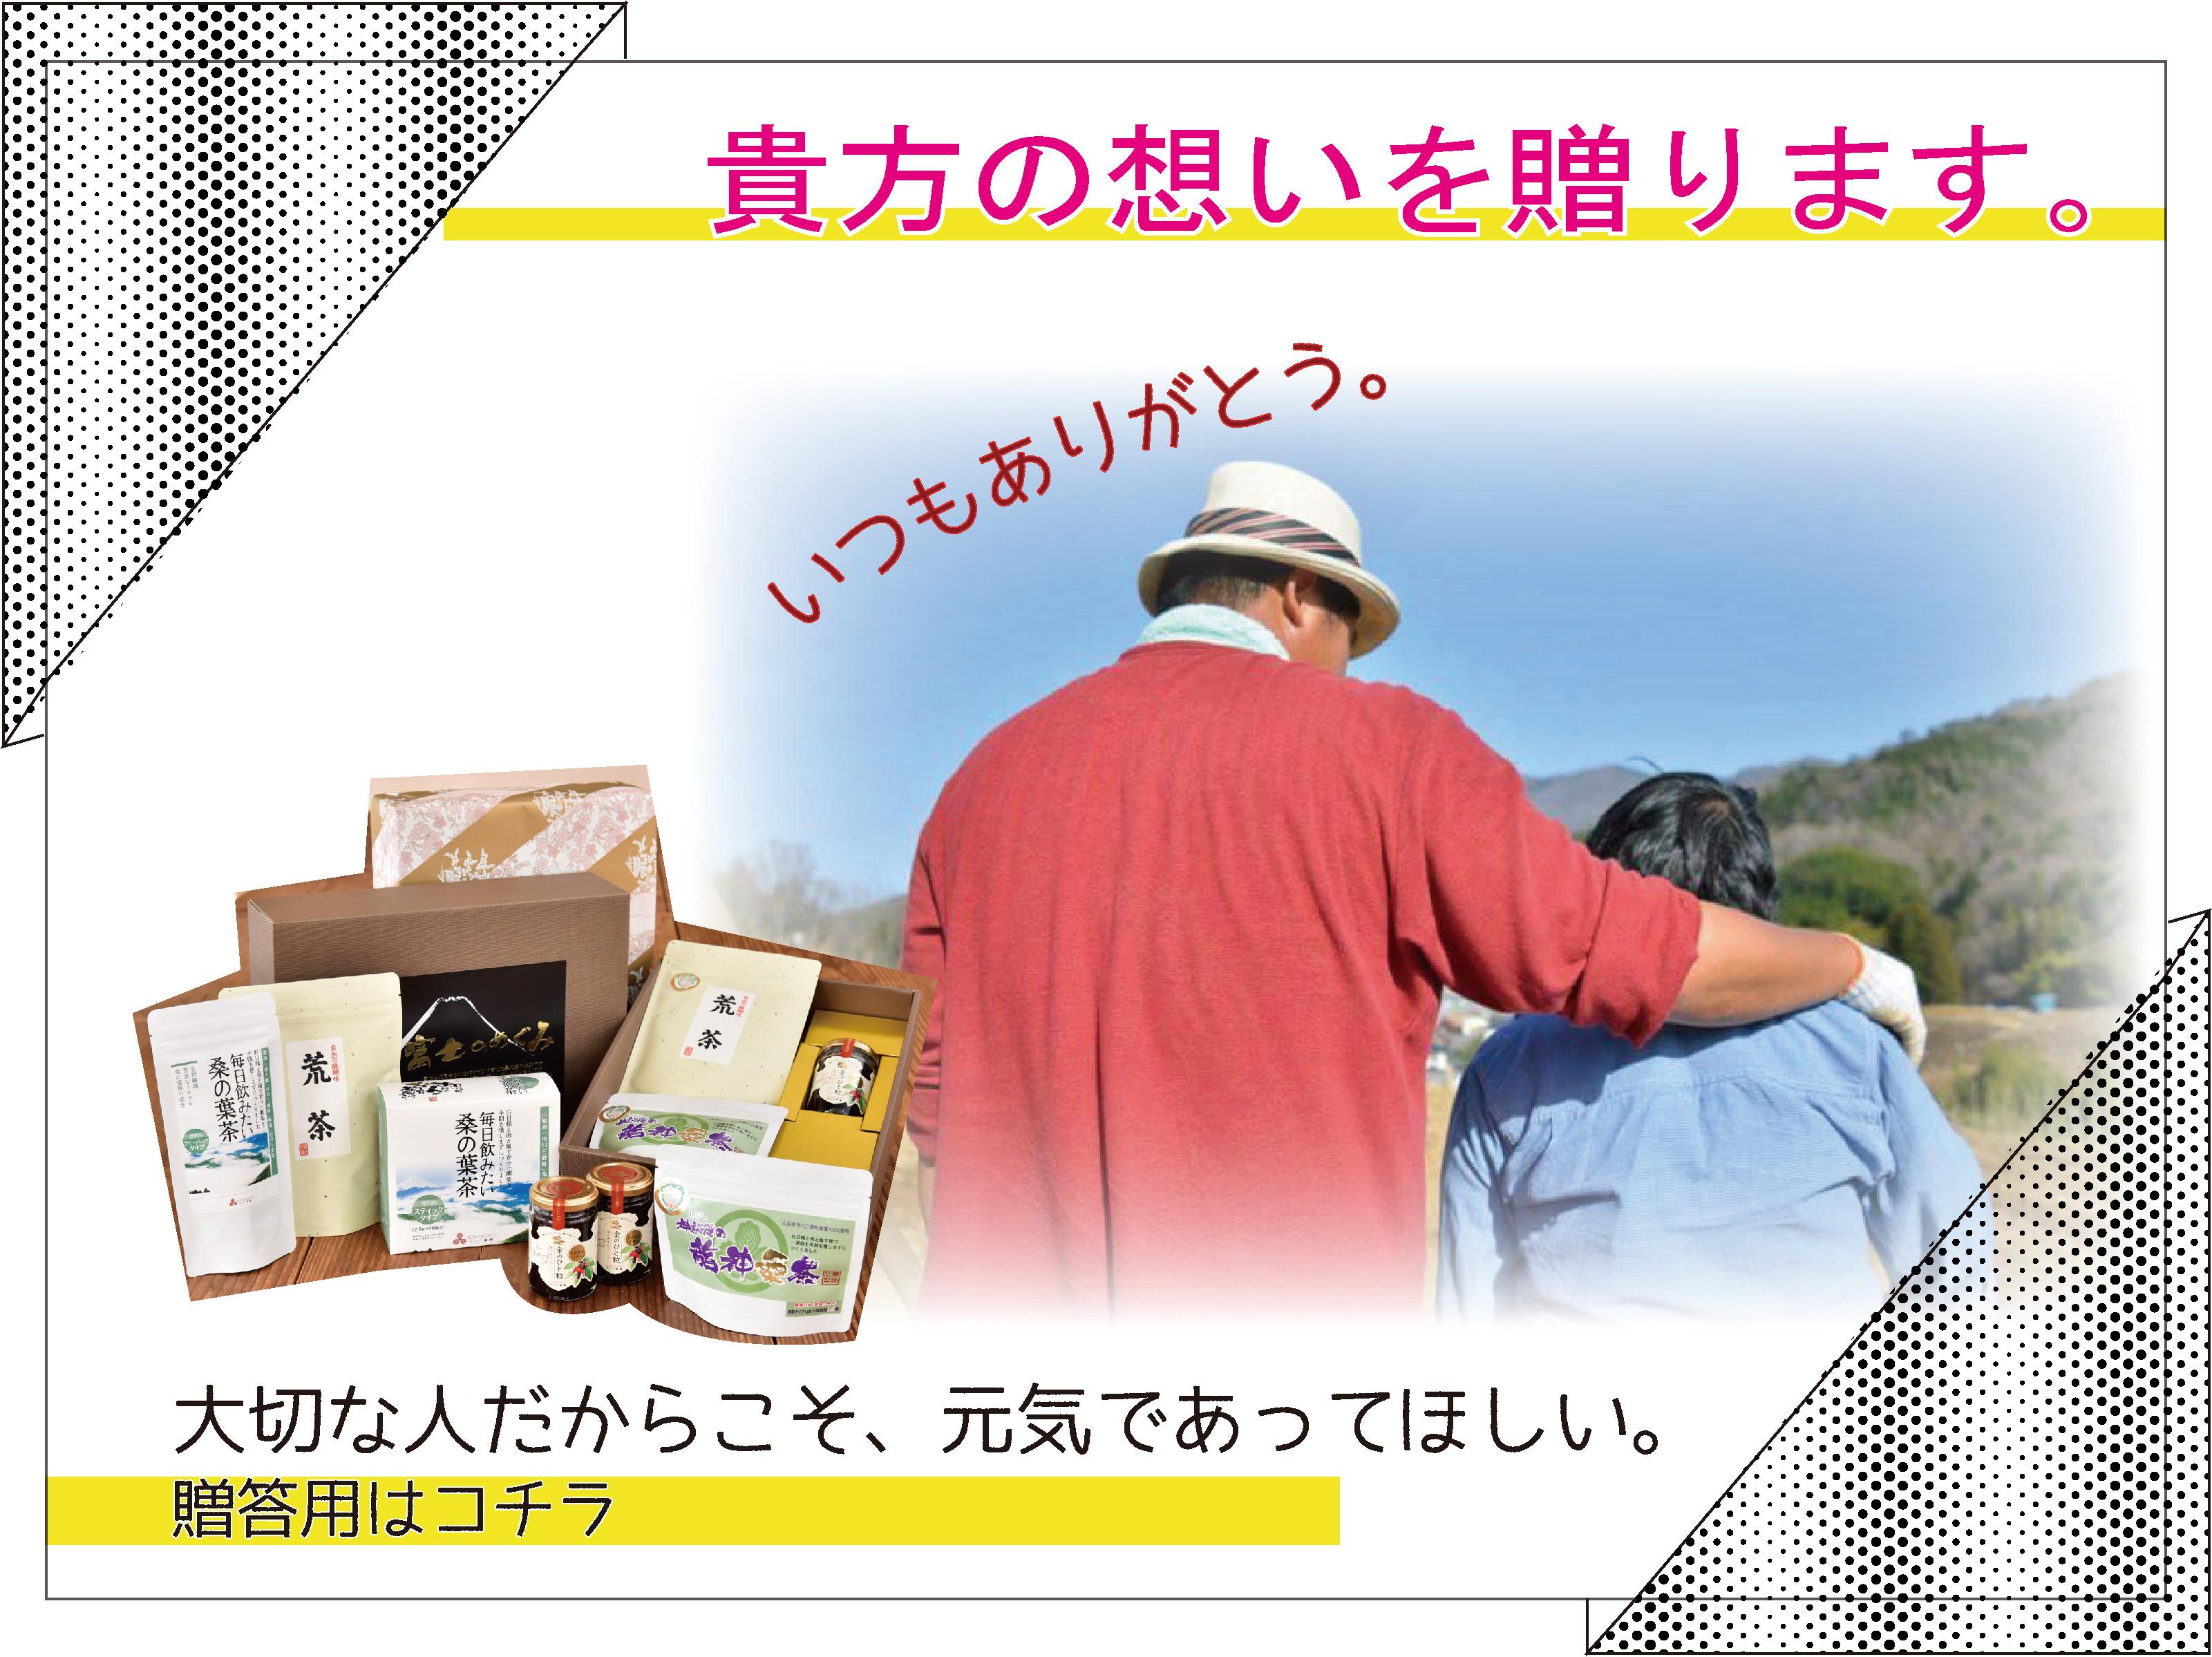 桑の葉茶 健康ギフト 大切な人へ